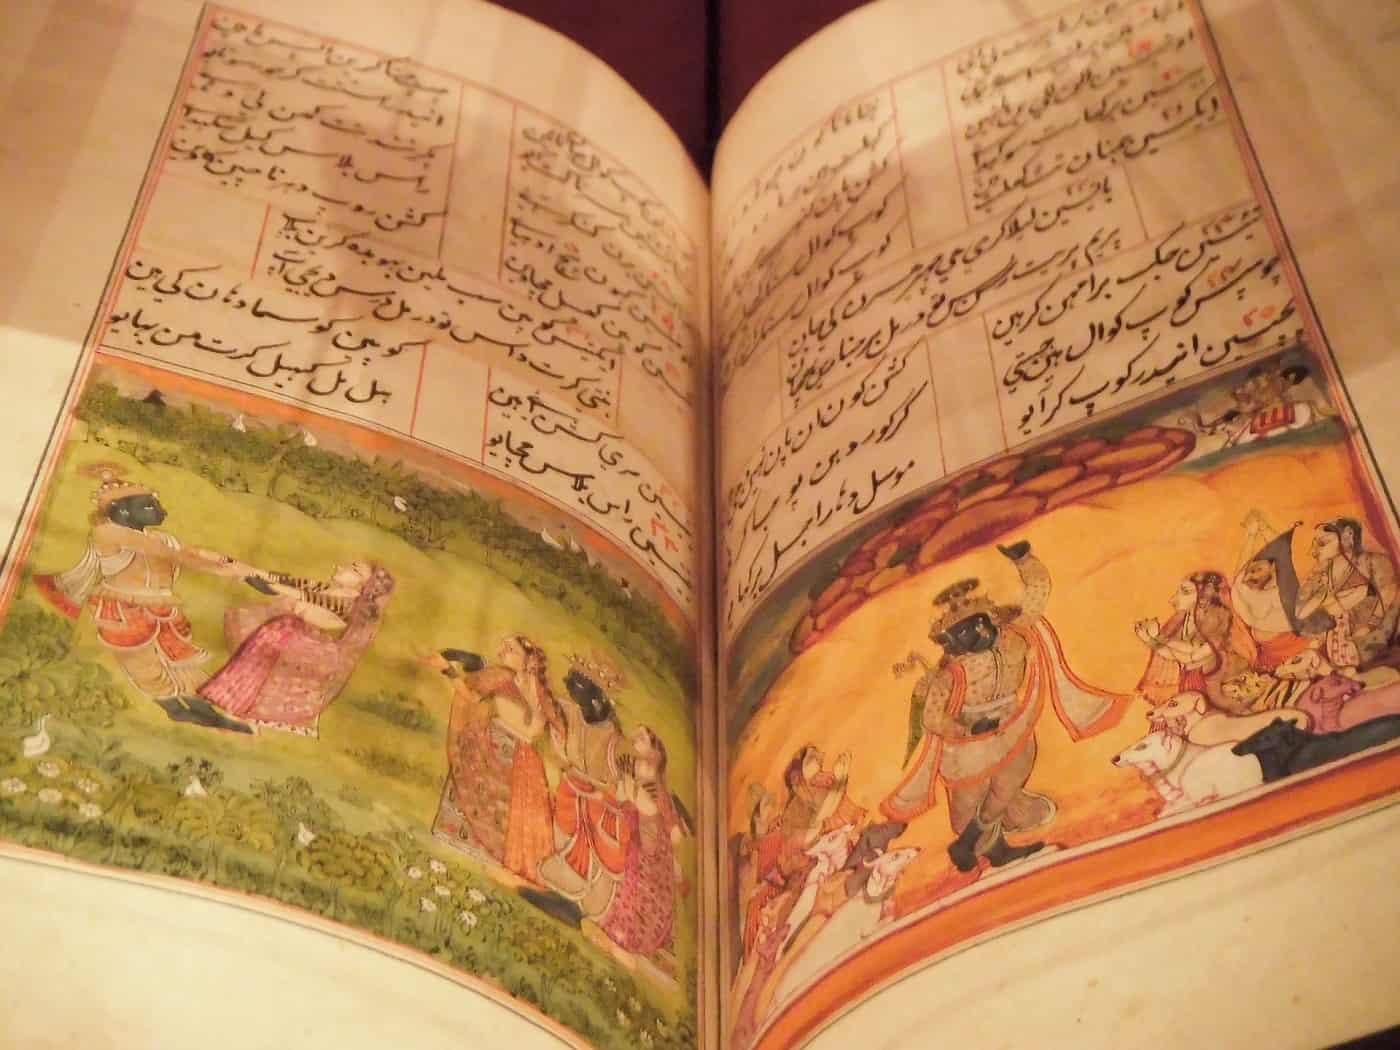 Bhagavad Gita book (open)